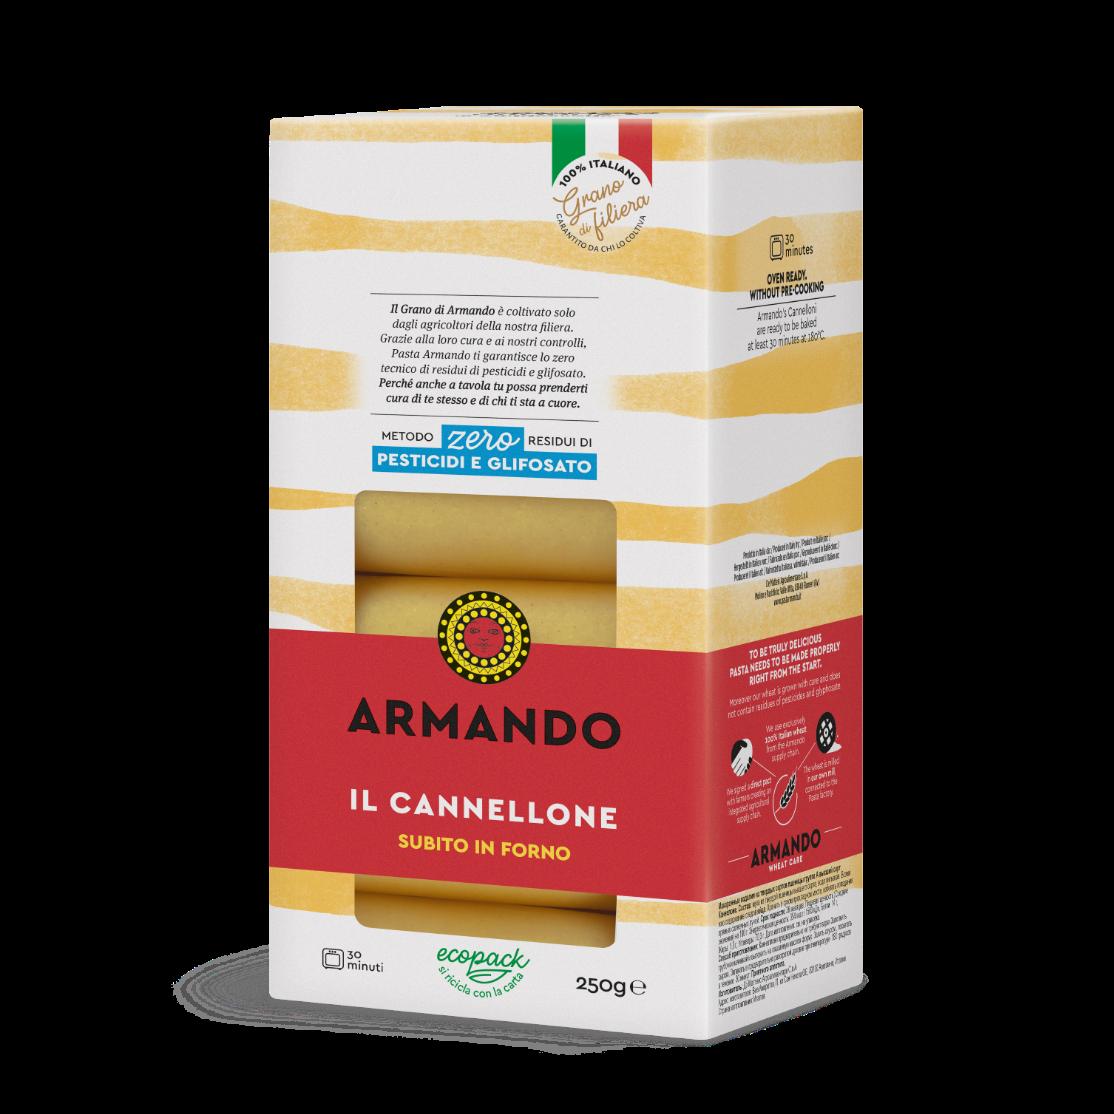 Cannellone semola shop